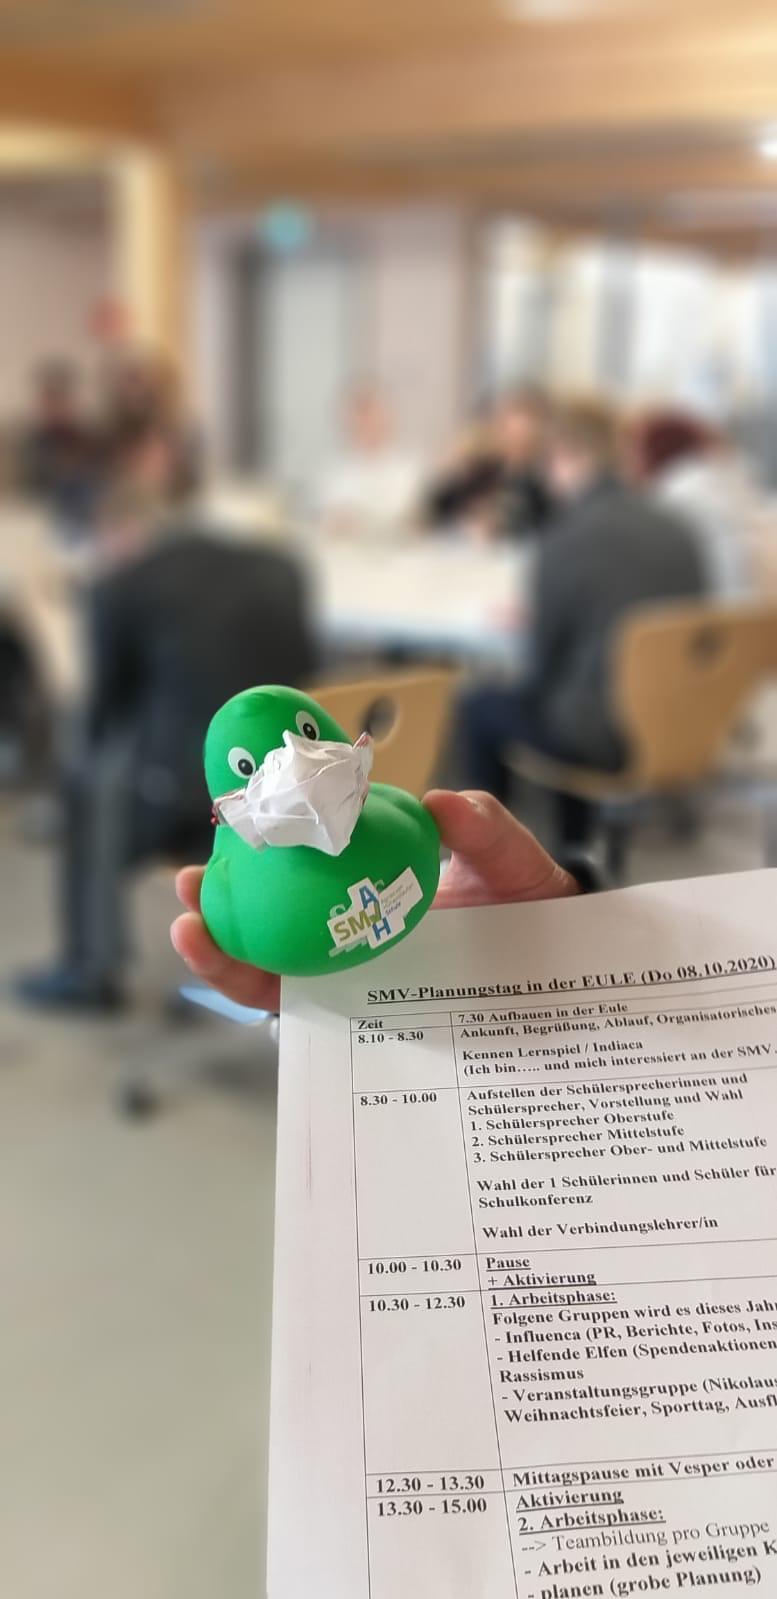 SMV Planungstag 2020